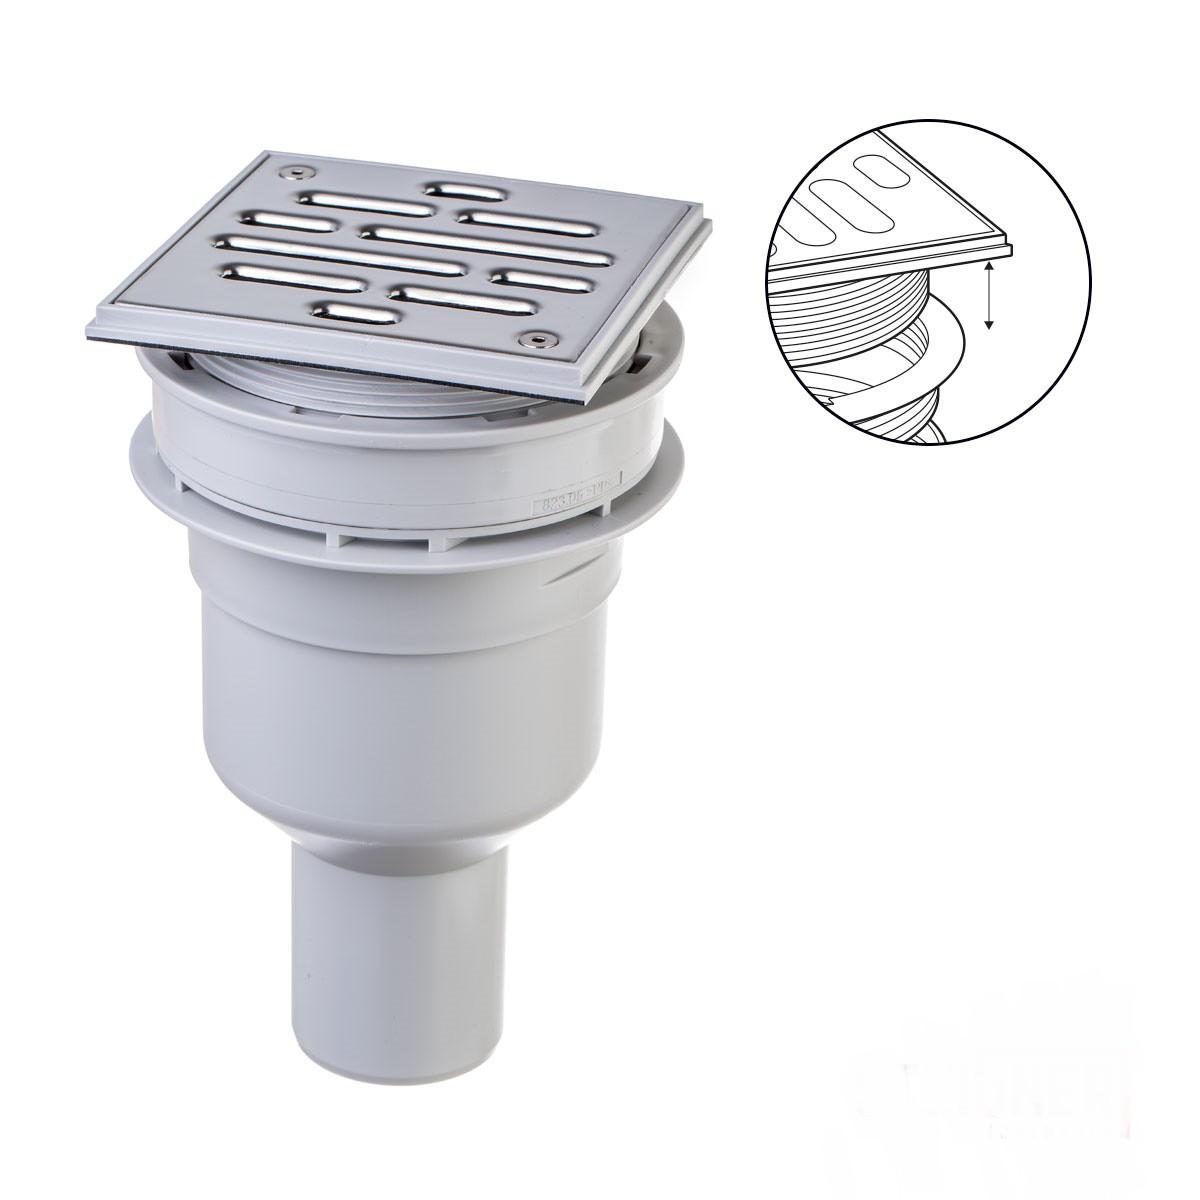 Dusche Bodeneben Gr??e : befliesbares ebenerdiges Duschelement – begehbare Dusche Jumbo-Shop